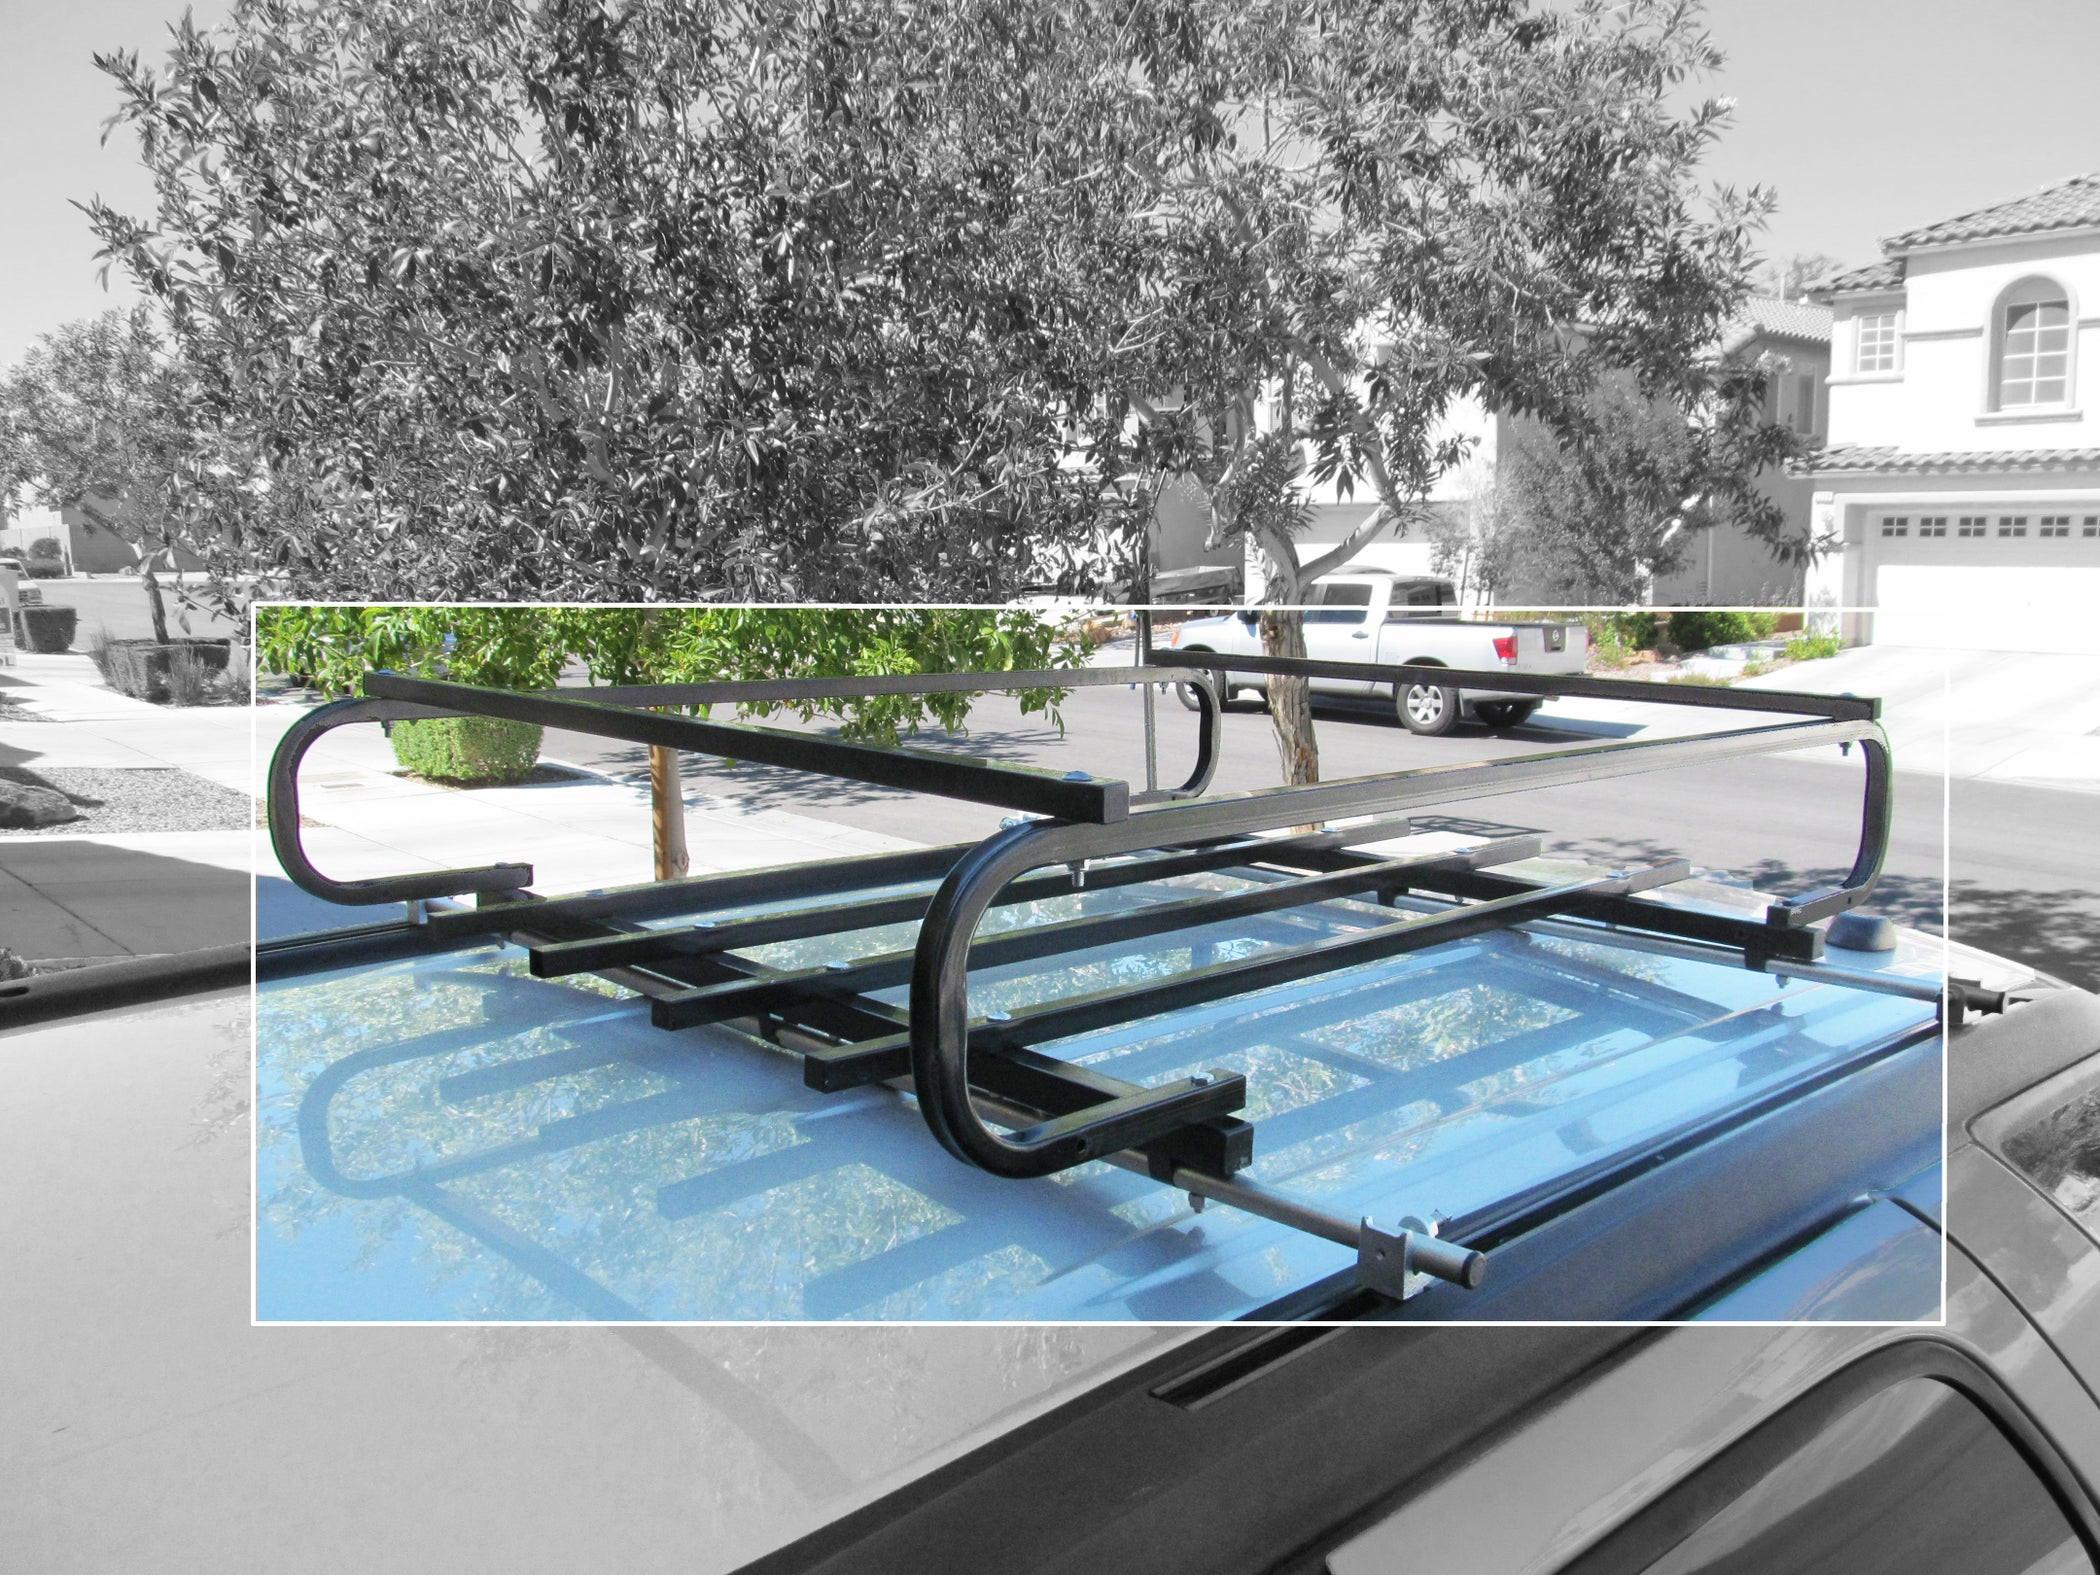 DIY Roof Rack  DIY Roof Rack Cross Bars 5 Steps with